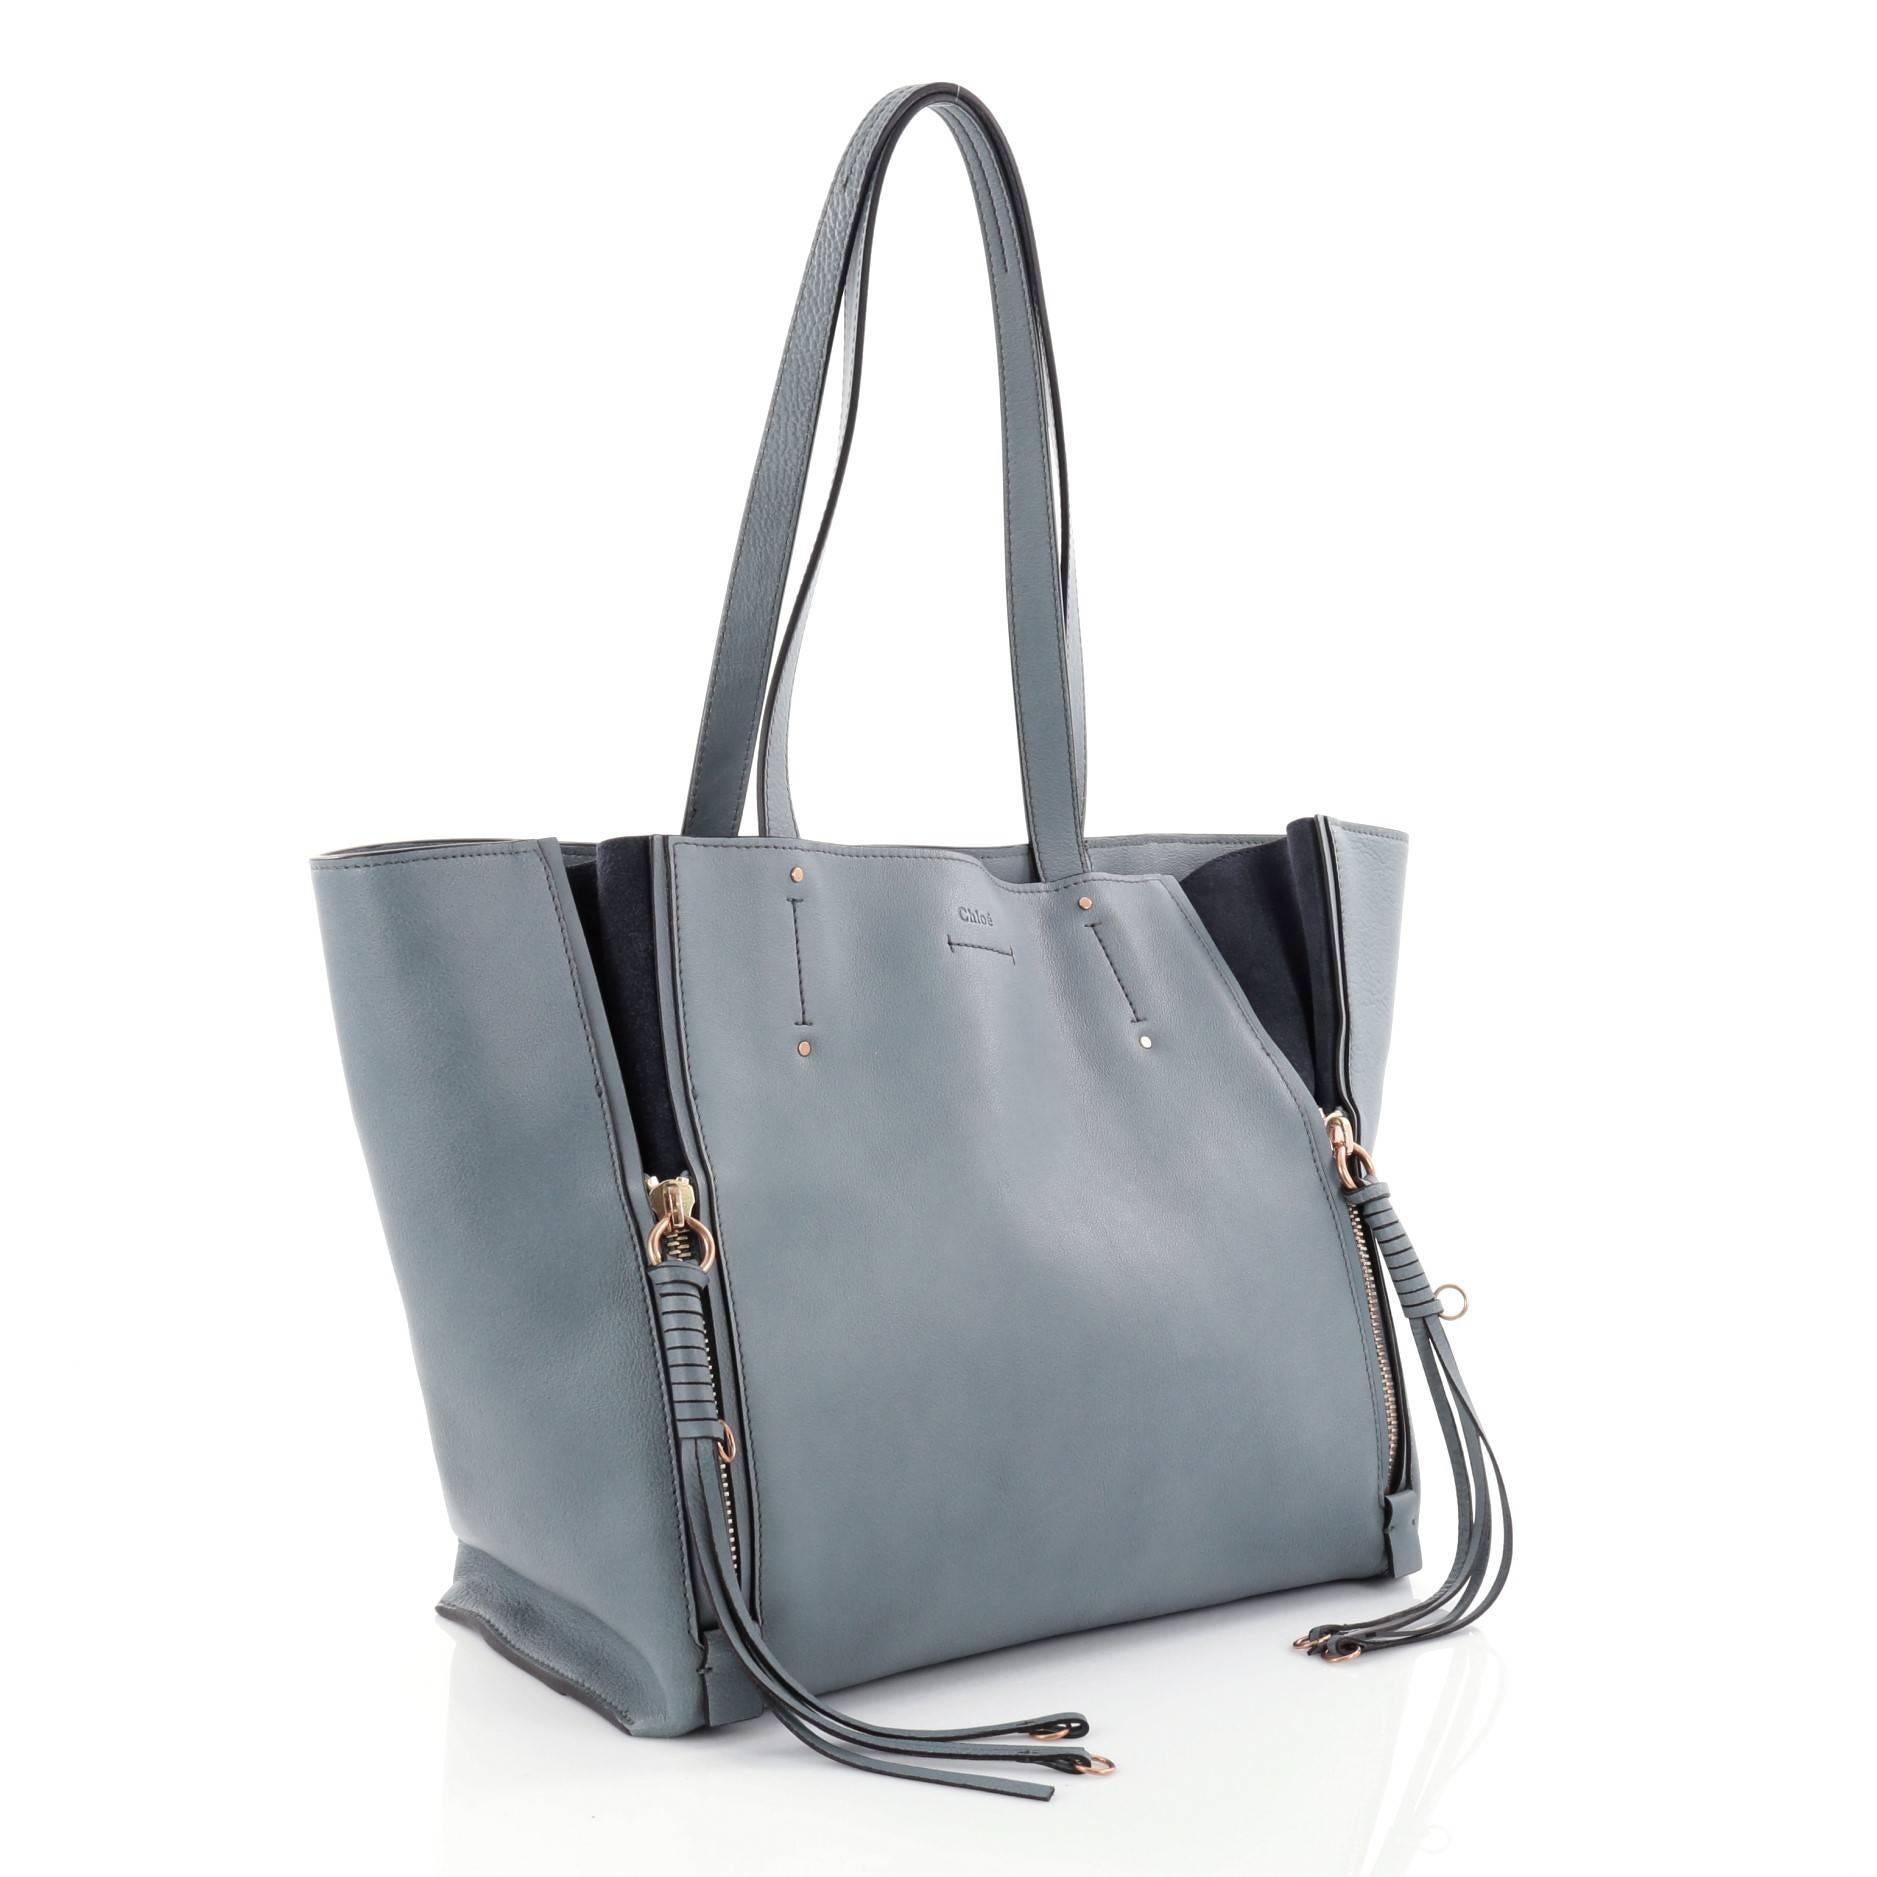 04e14b09e Chloe Milo Shopping Tote Leather Medium at 1stdibs